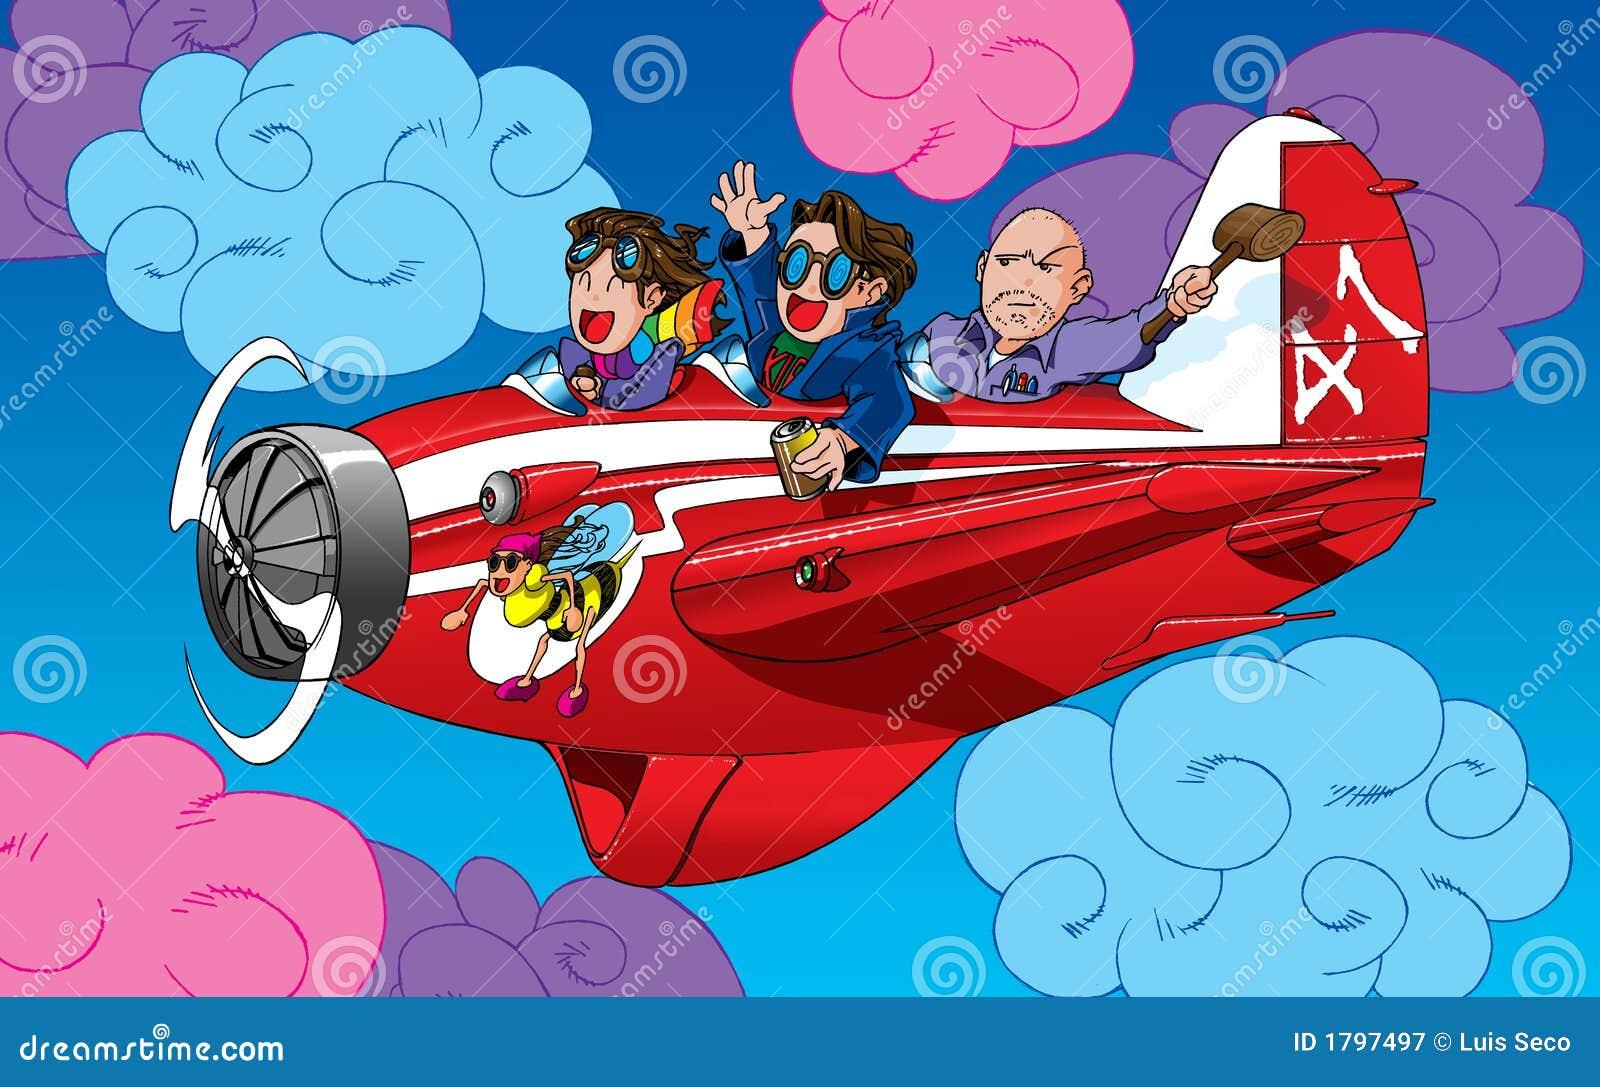 Personnages de dessin anim dans un avion illustration - Avion en dessin ...